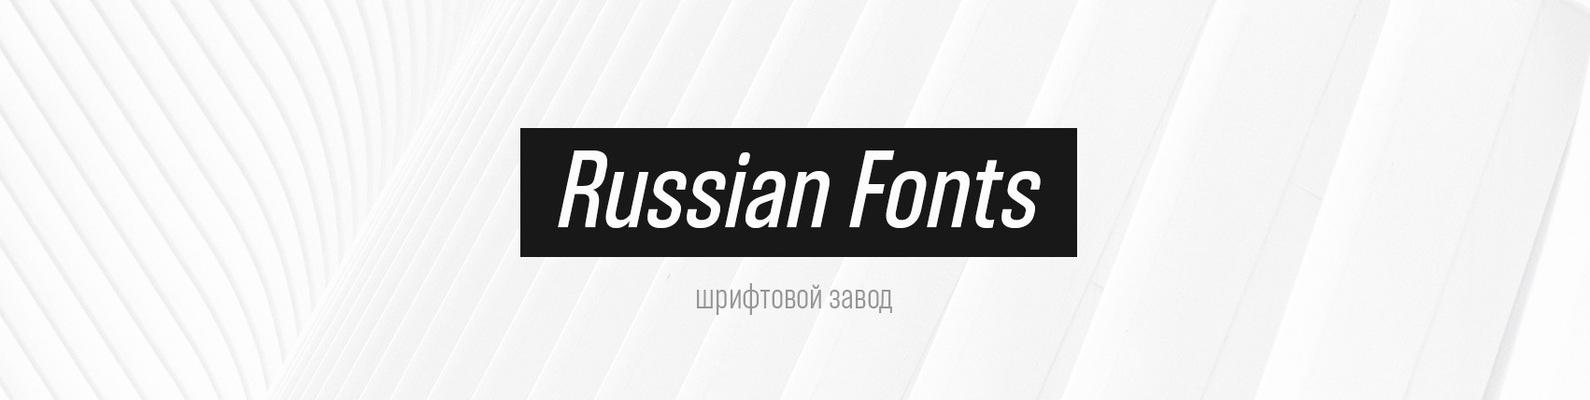 русские подписчики инстаграм